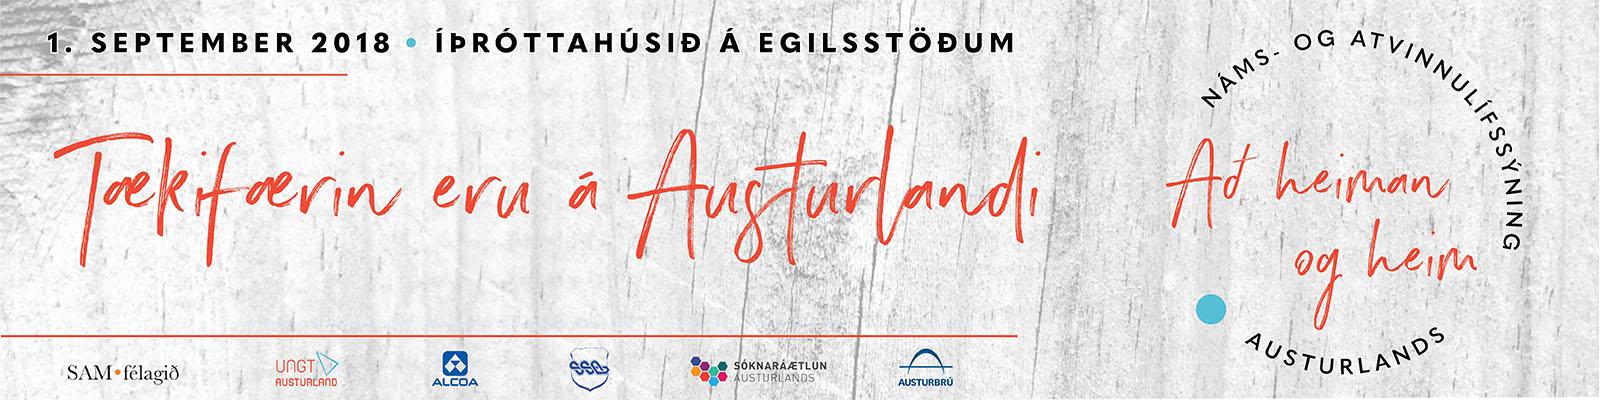 Ungt Austurland: Náms- og atvinnulífssýning